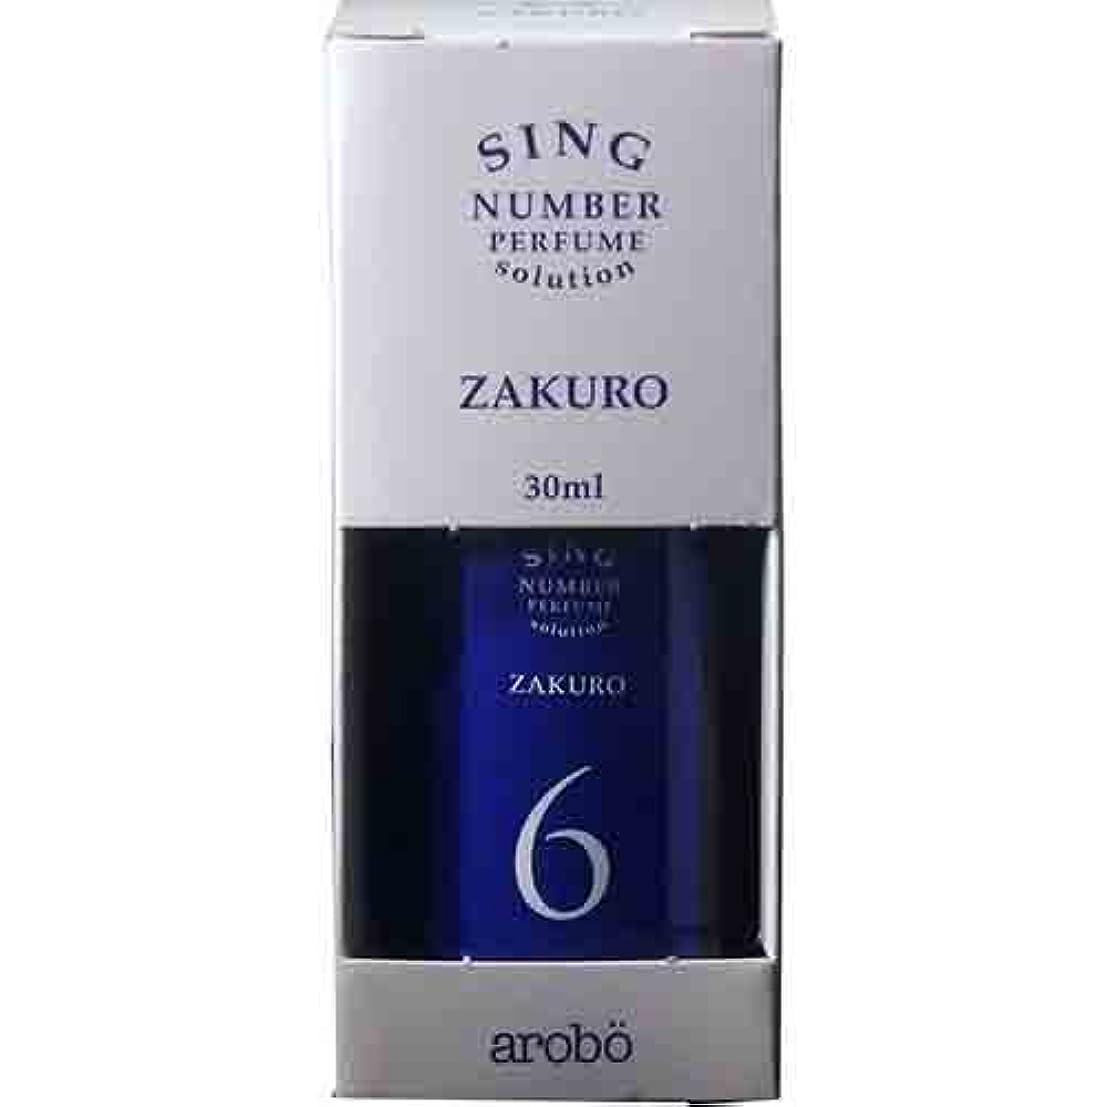 解釈耳政治家AROBO(アロボ) シング ナンバーパフュームソリューション 空気洗浄機用 6.Zakuro(ザクロ)CLV-856